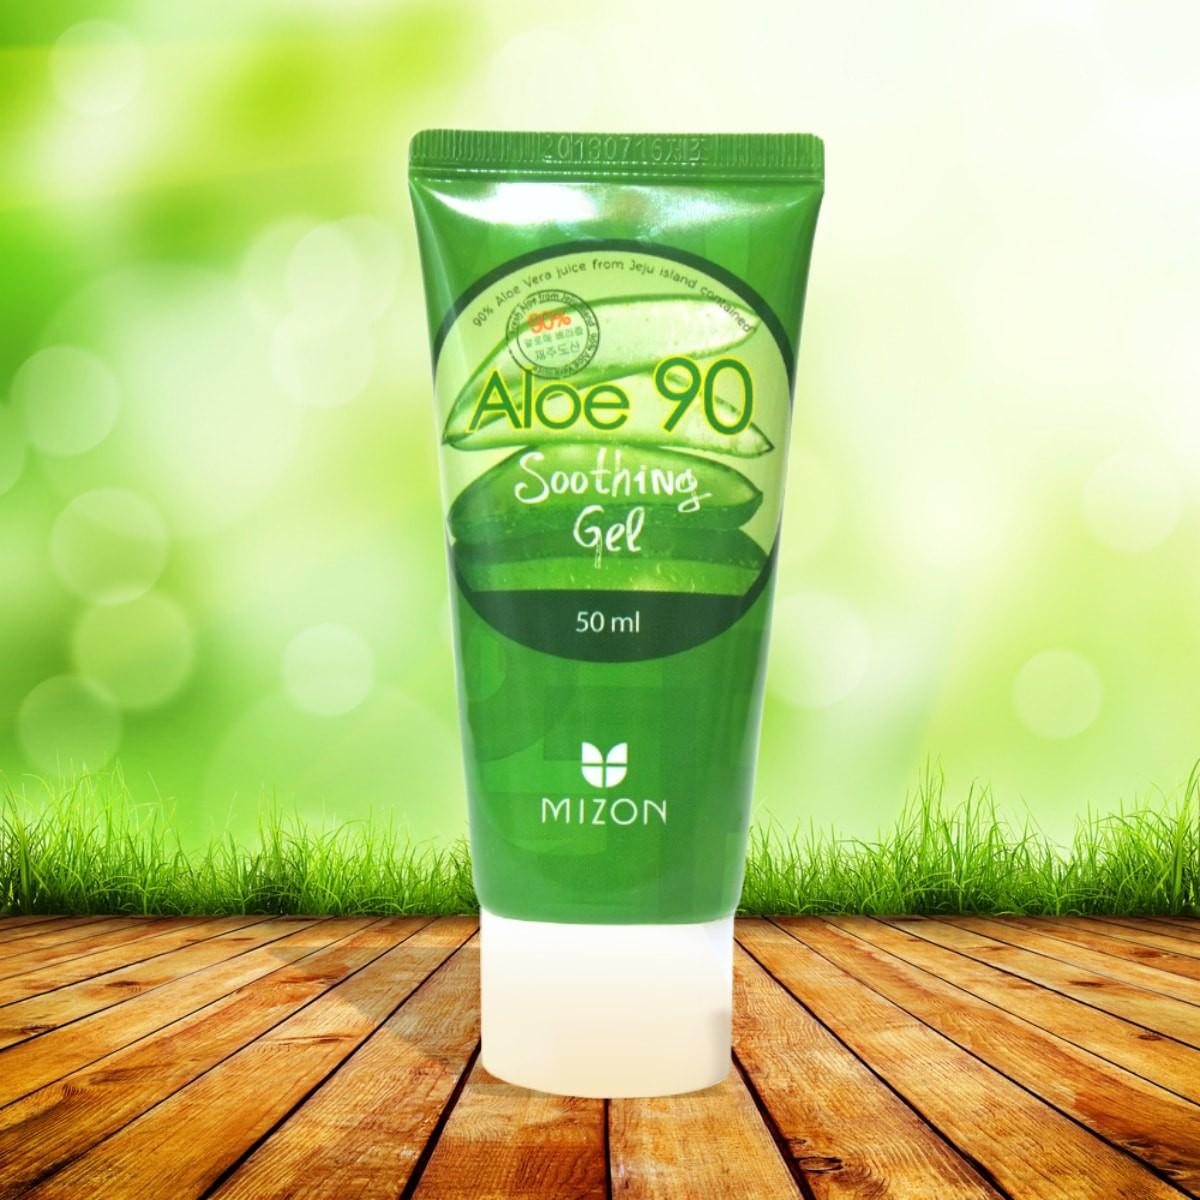 Aloe 90 Soothing Gel [Mizon]